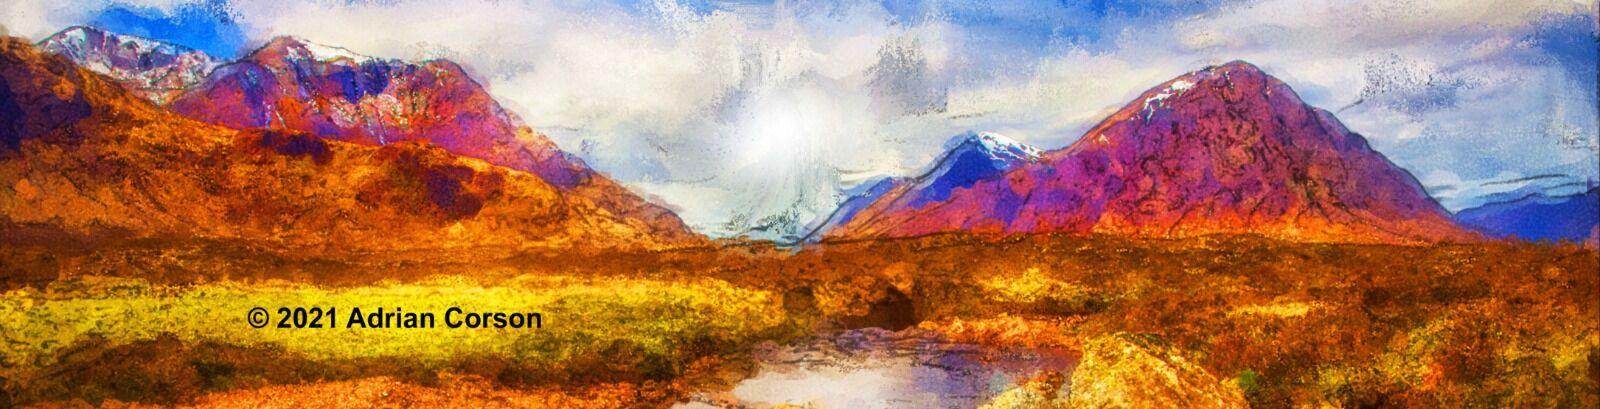 115-mountain peaks